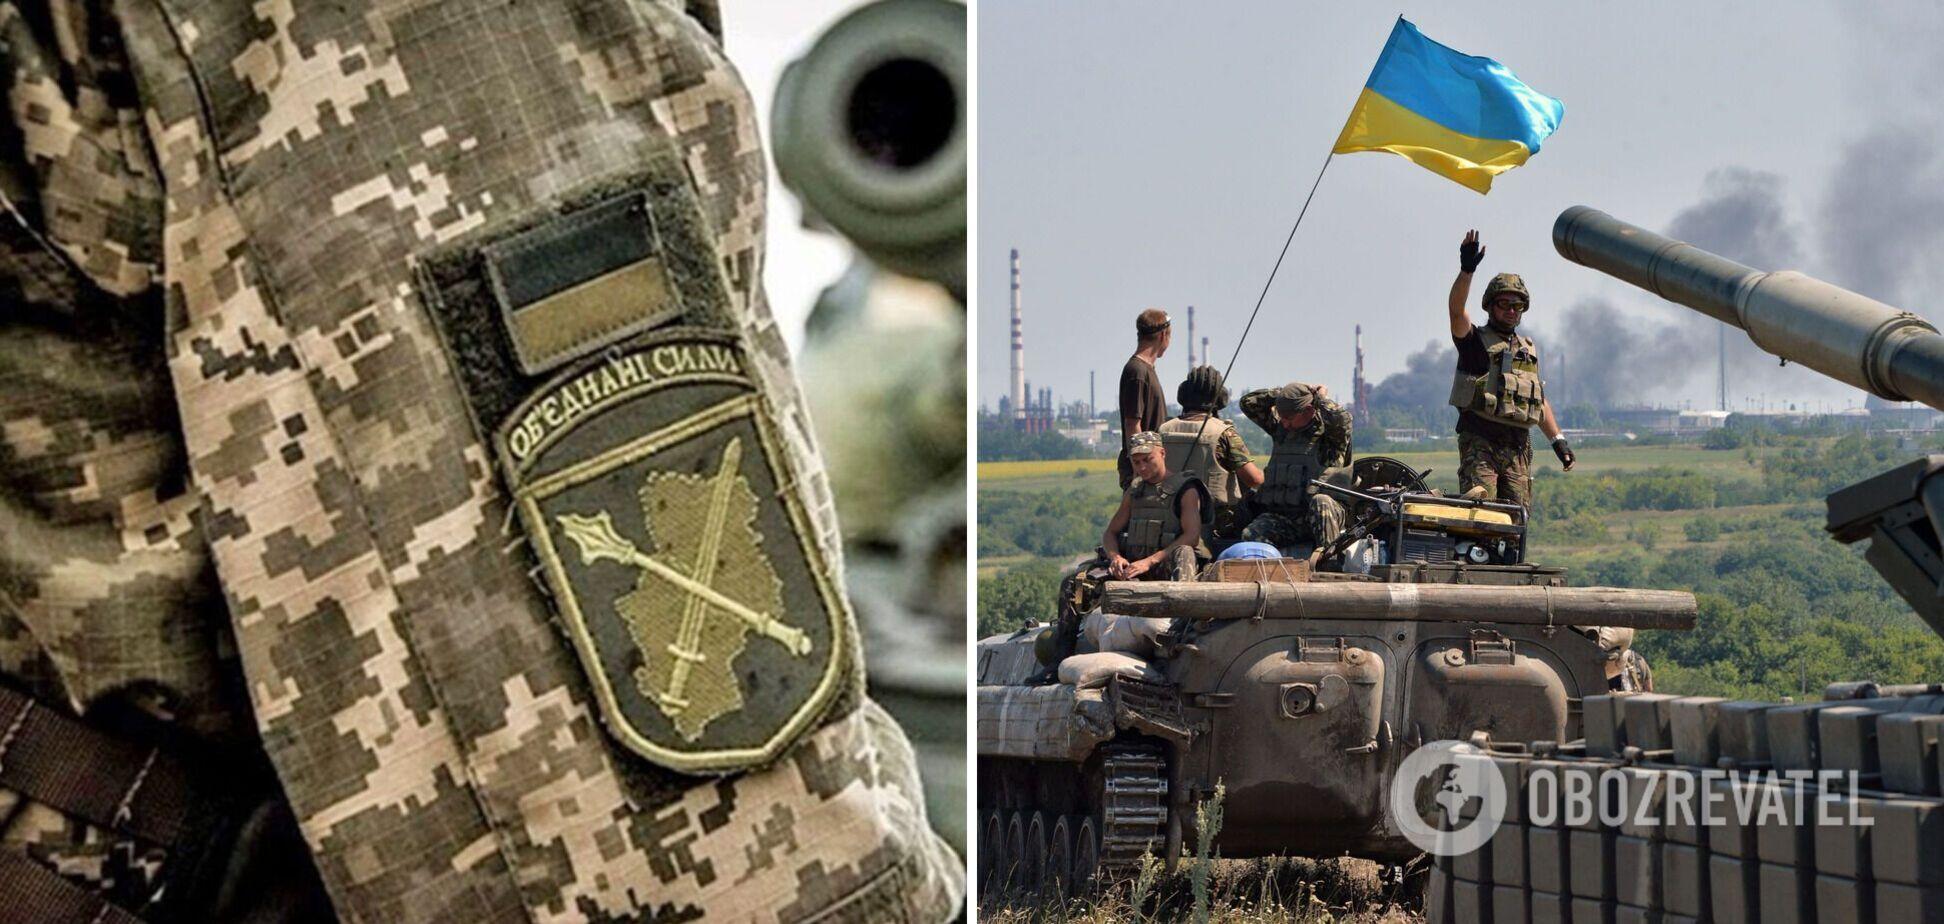 Данілов відповів Бутусову: ЗСУ відповідають так, що противник шаленіє і просить припинити вогонь